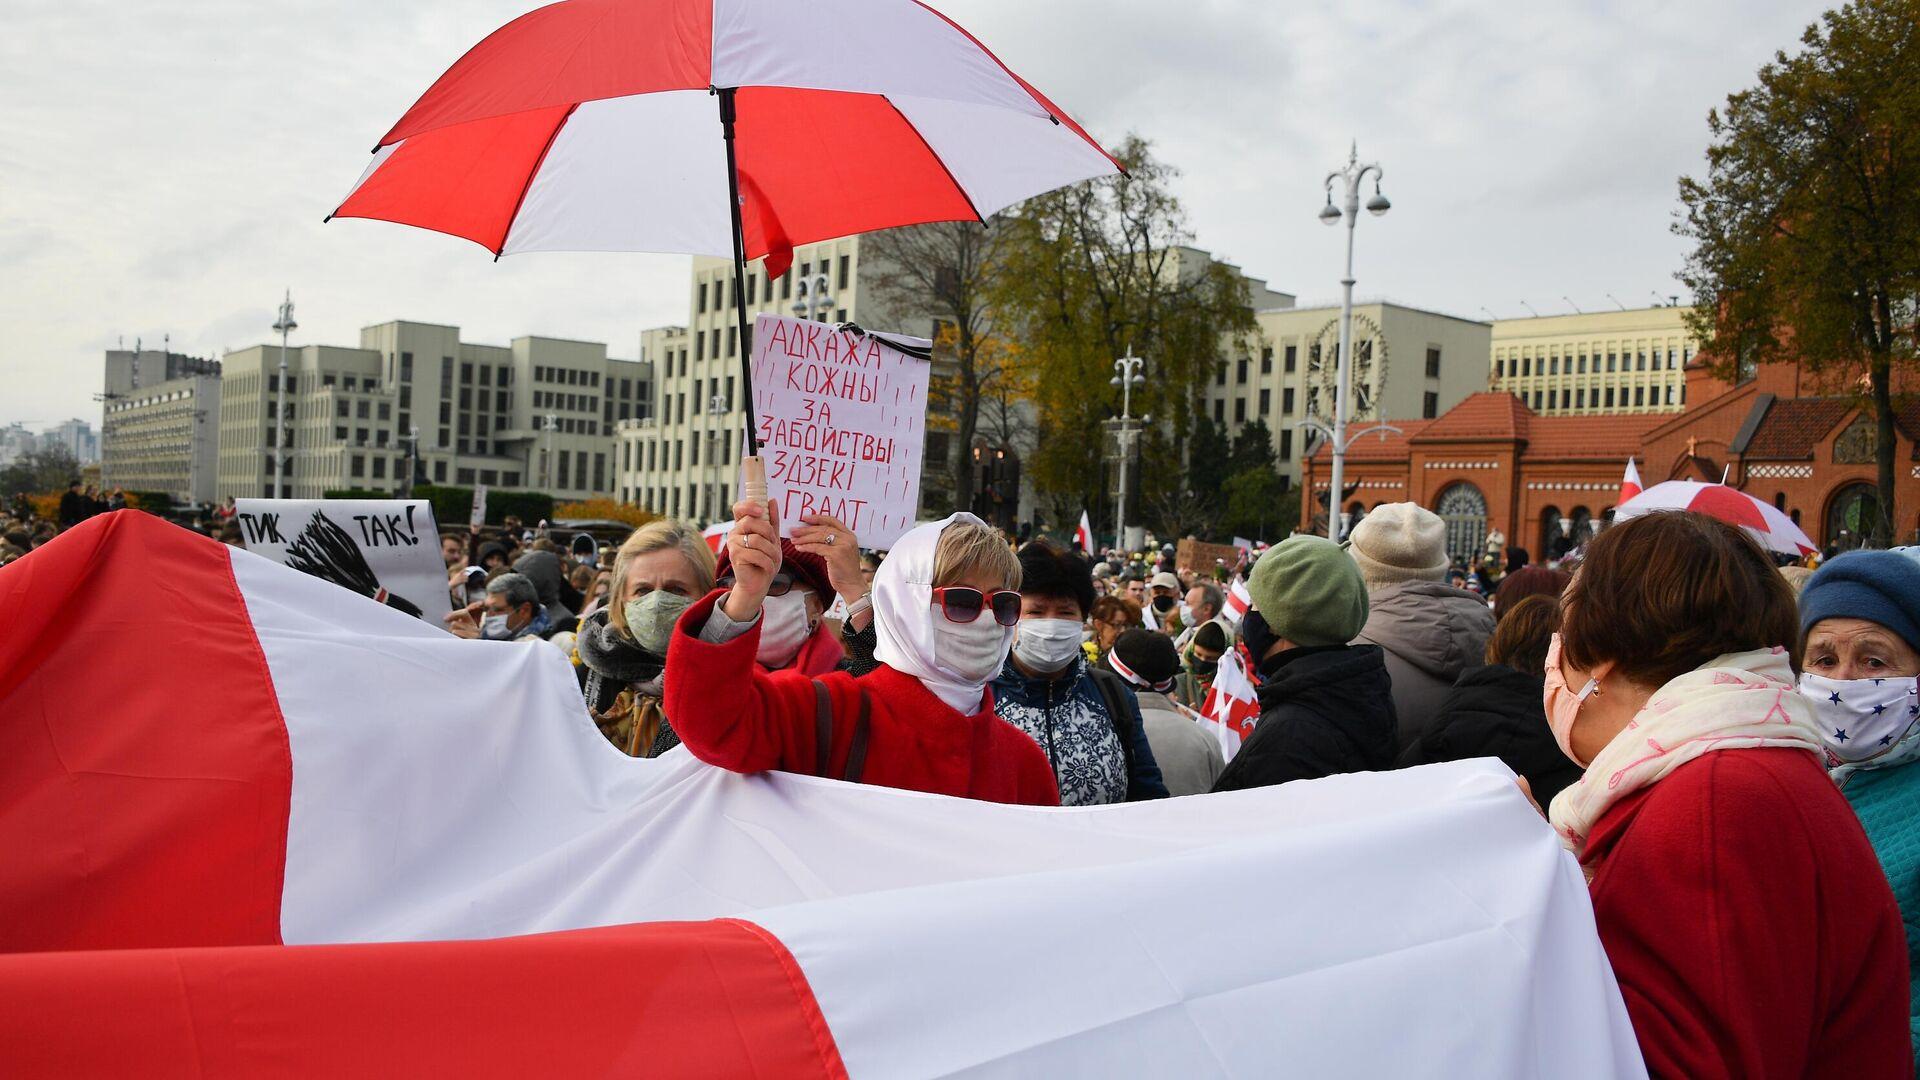 Участники акции протеста в Минске - РИА Новости, 1920, 28.10.2020